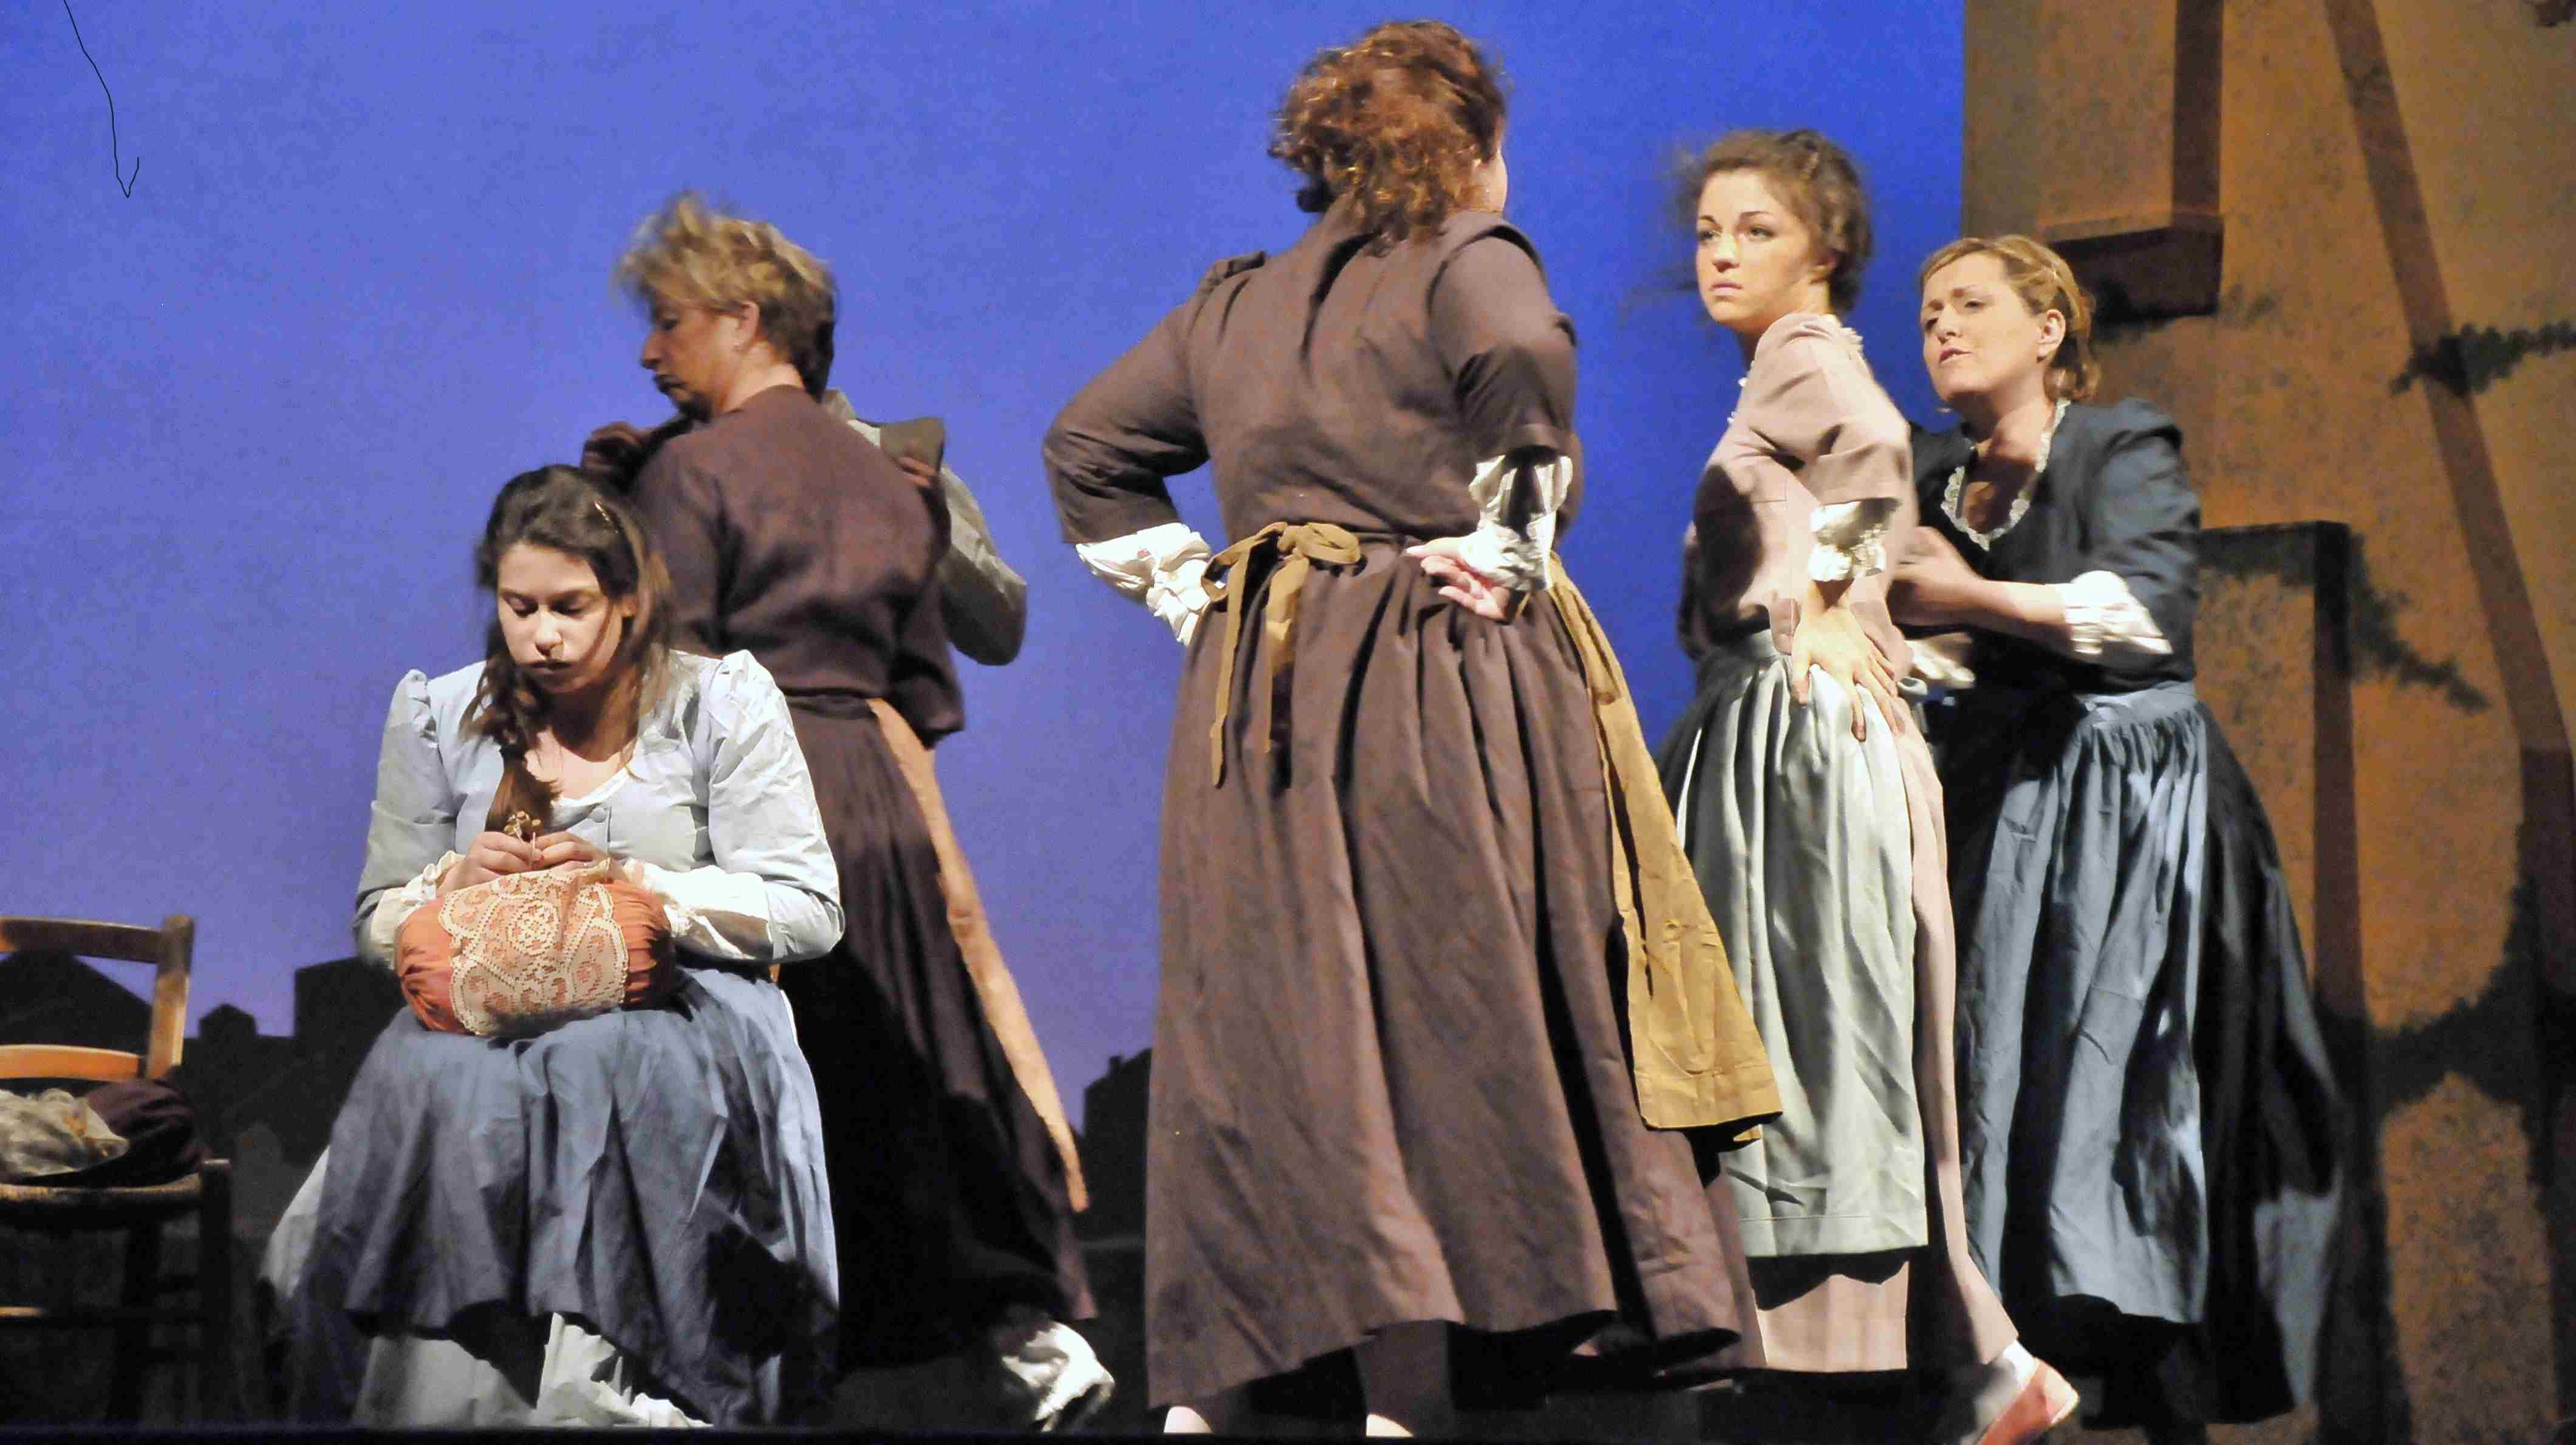 le baruffe chiozzotte lo spettacolo itinerante di Goldoni a Chioggia